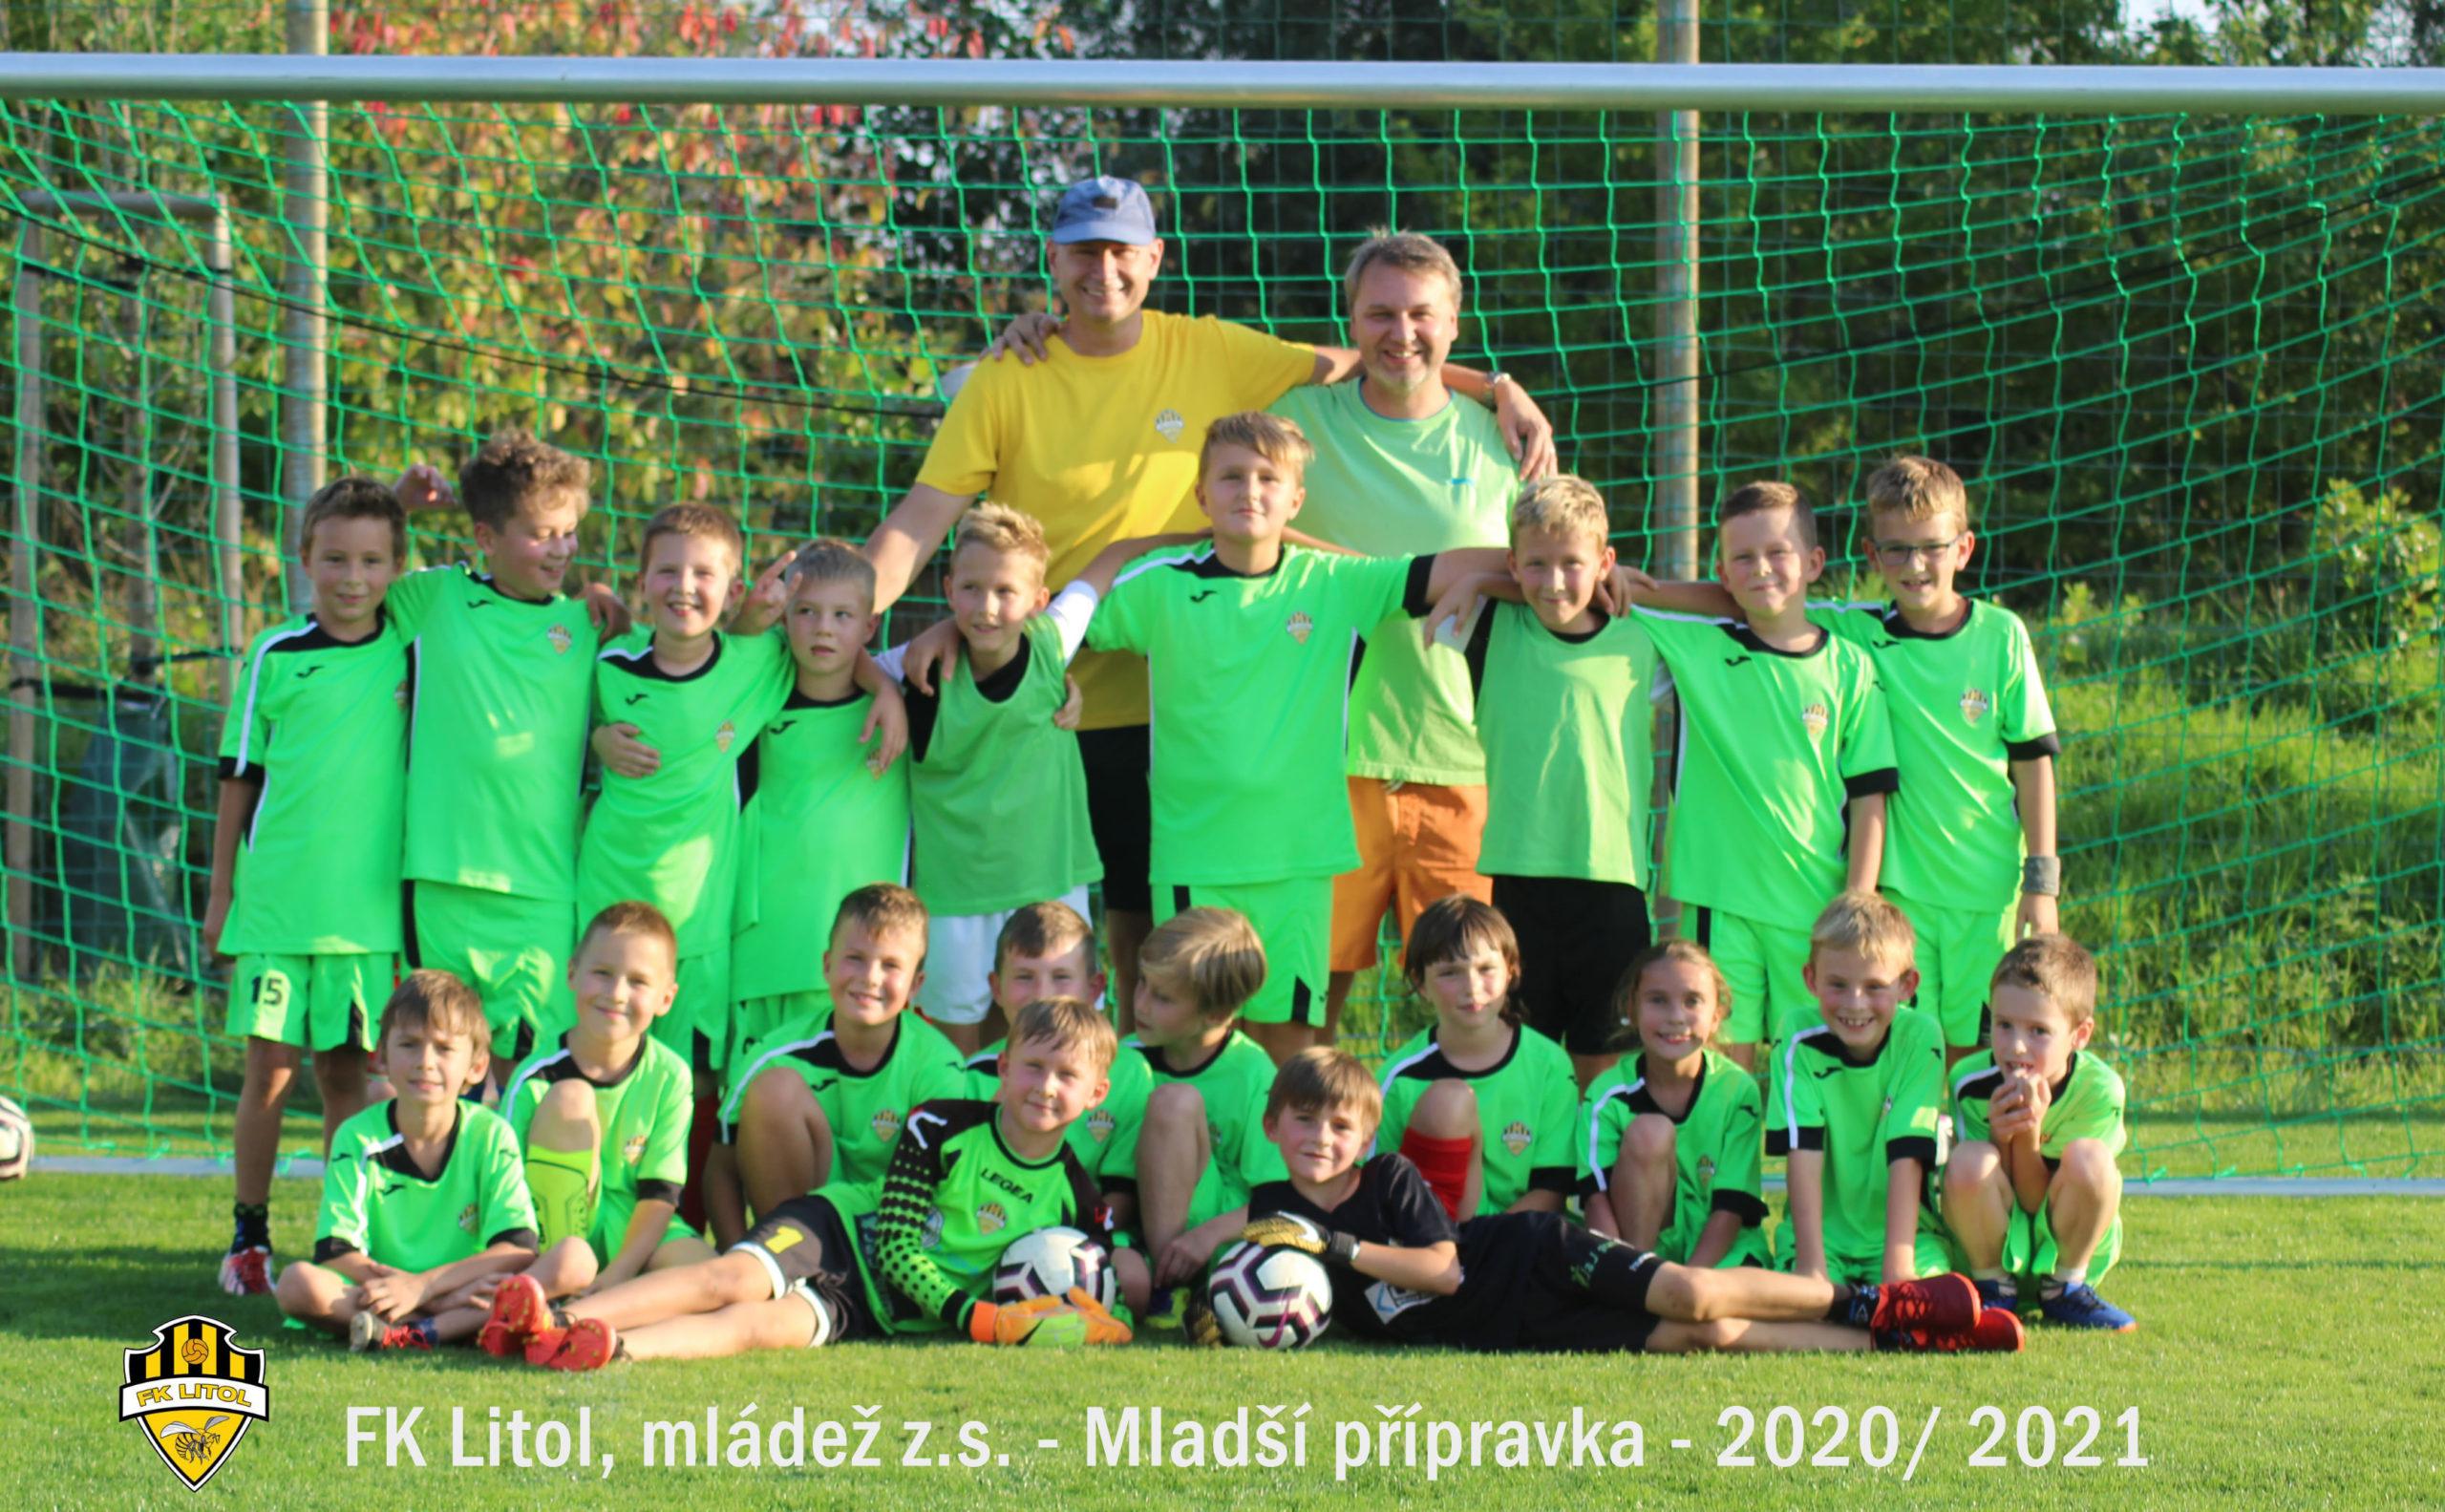 Mladší přípravka- společné foto 9/2020